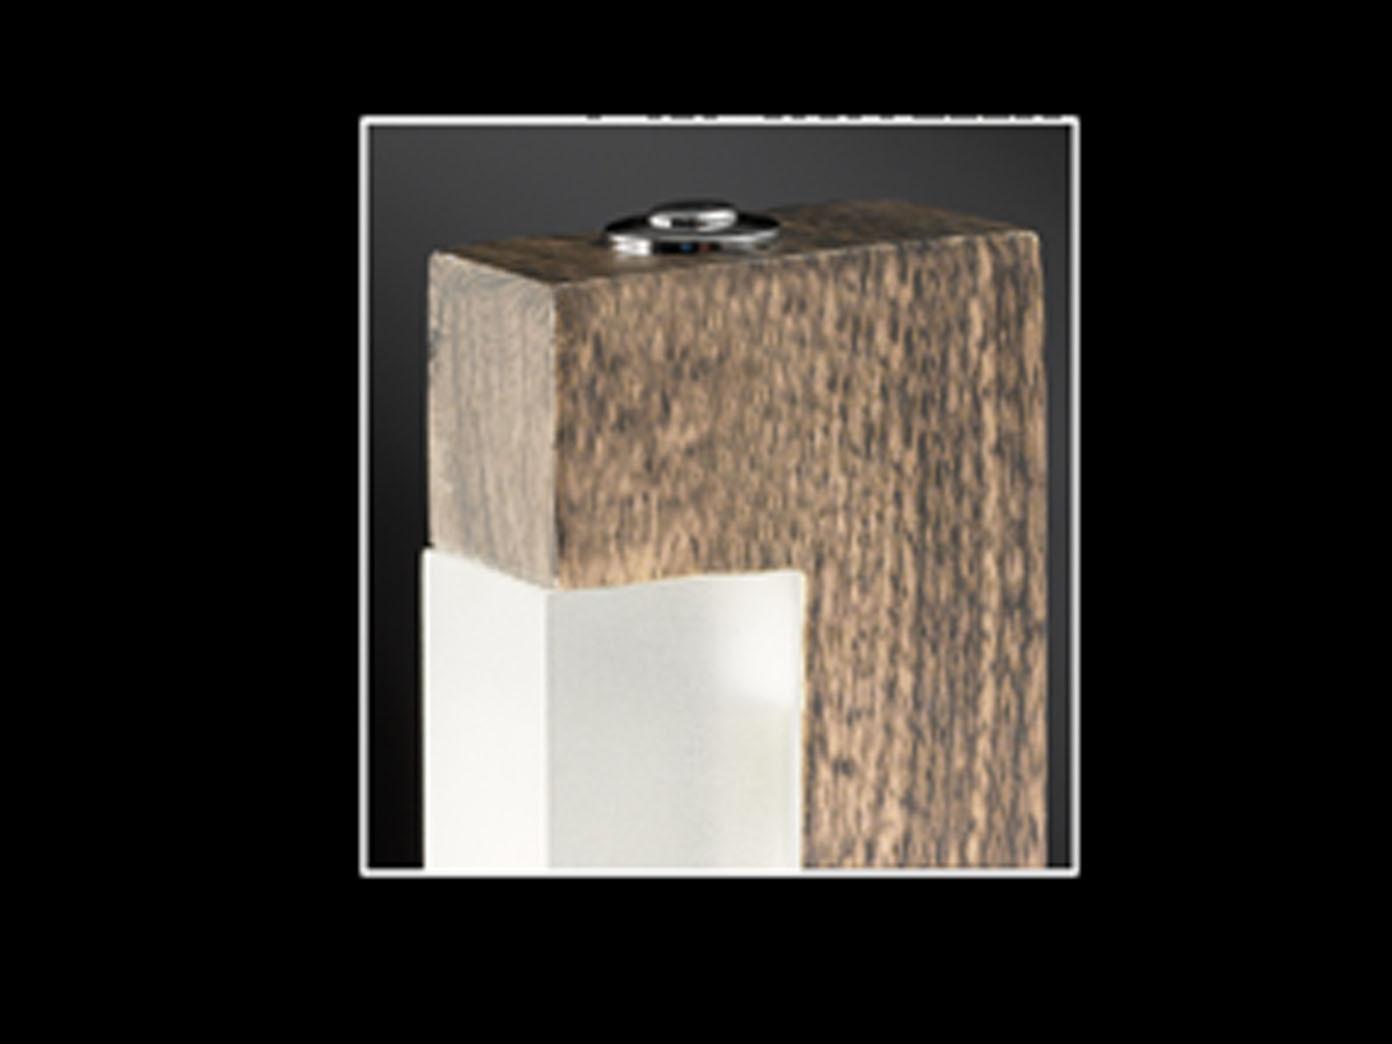 Deckenfluter Holz B Leuchten Malibu Led Stehlampe Dimmbar Holz